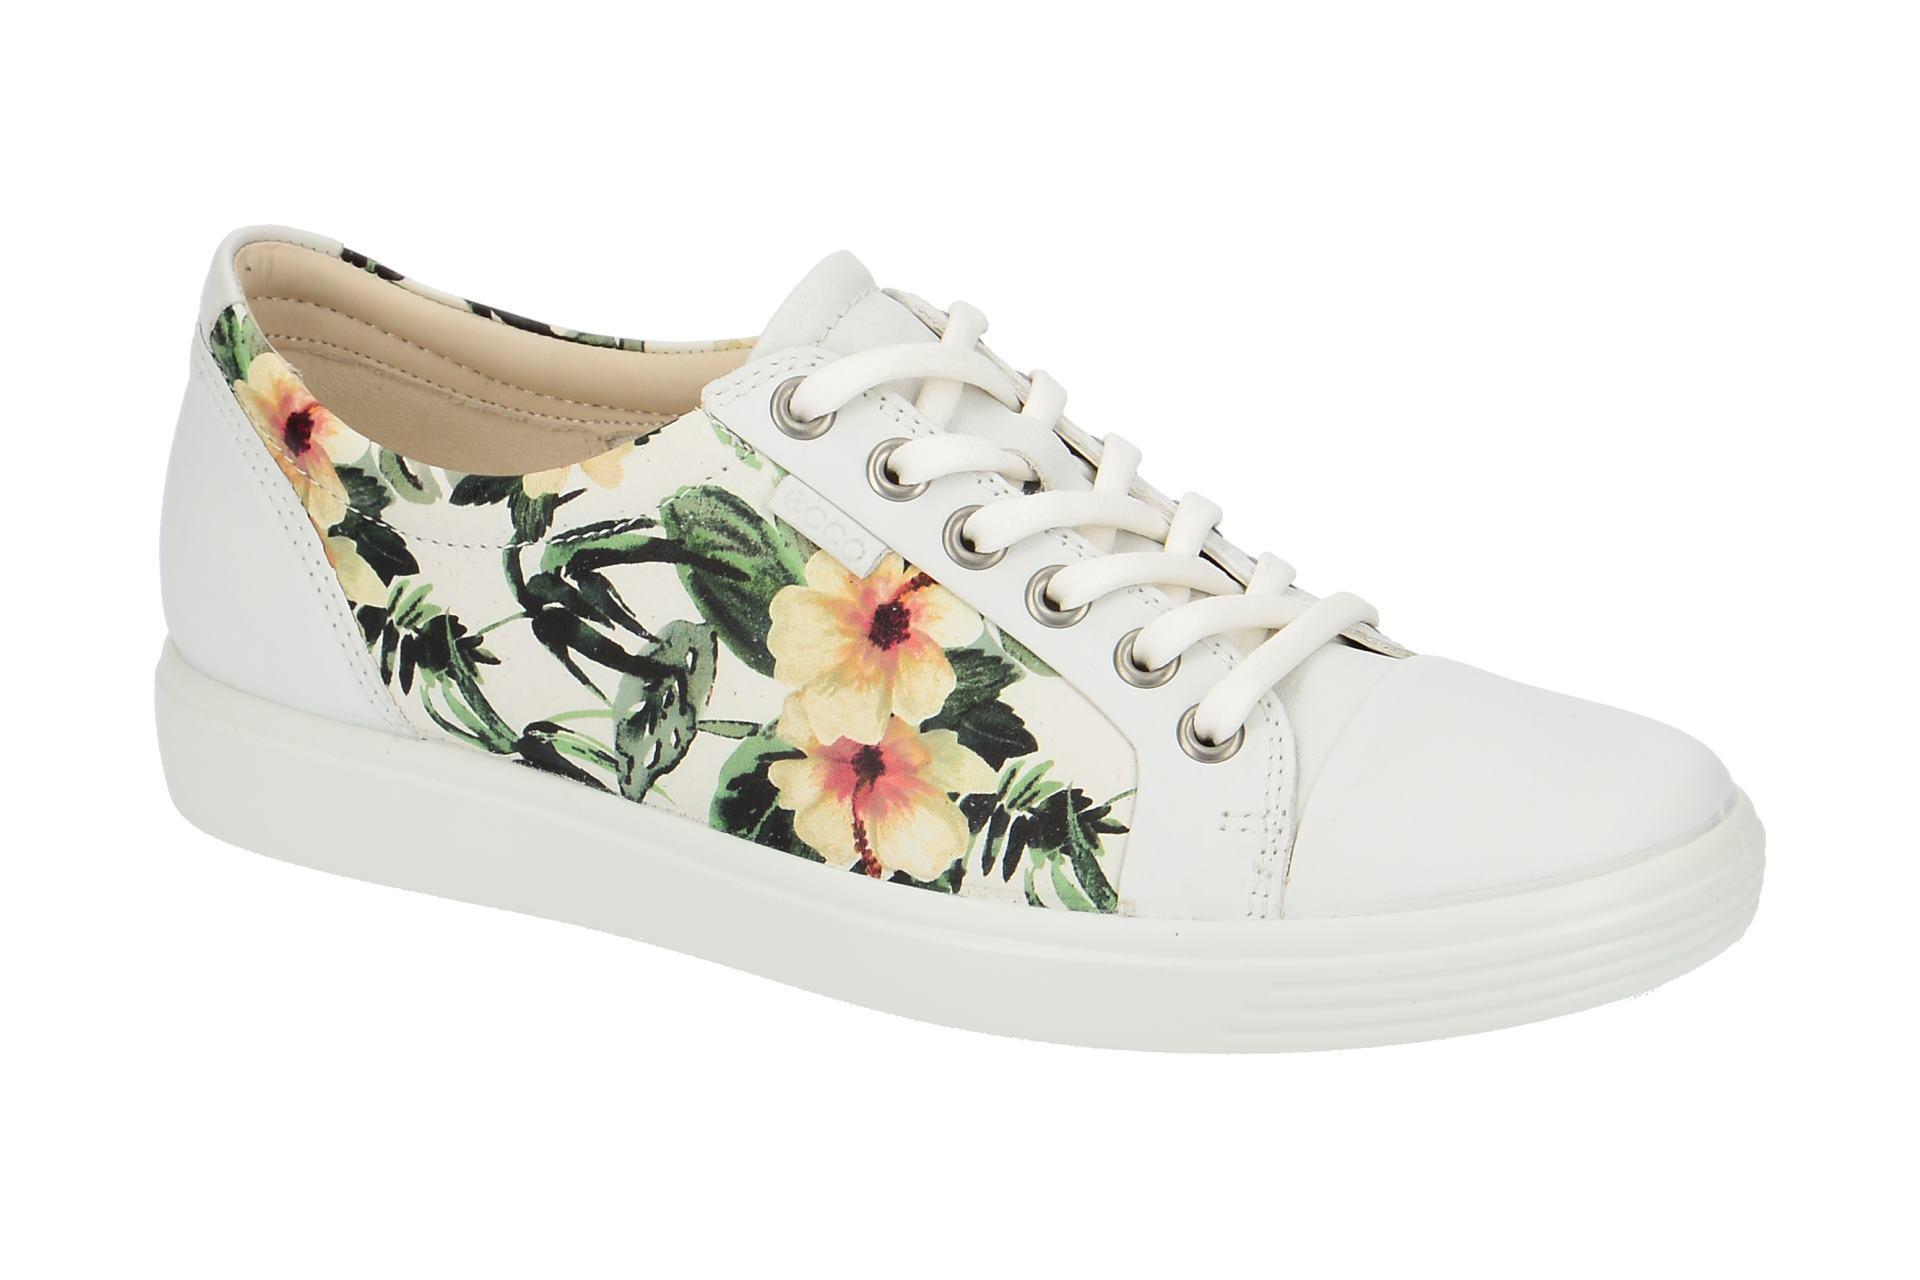 6faaf9016ccc46 Ecco Schuhe Soft 7 Ladies weiß Blumen - Schuhhaus Strauch Shop